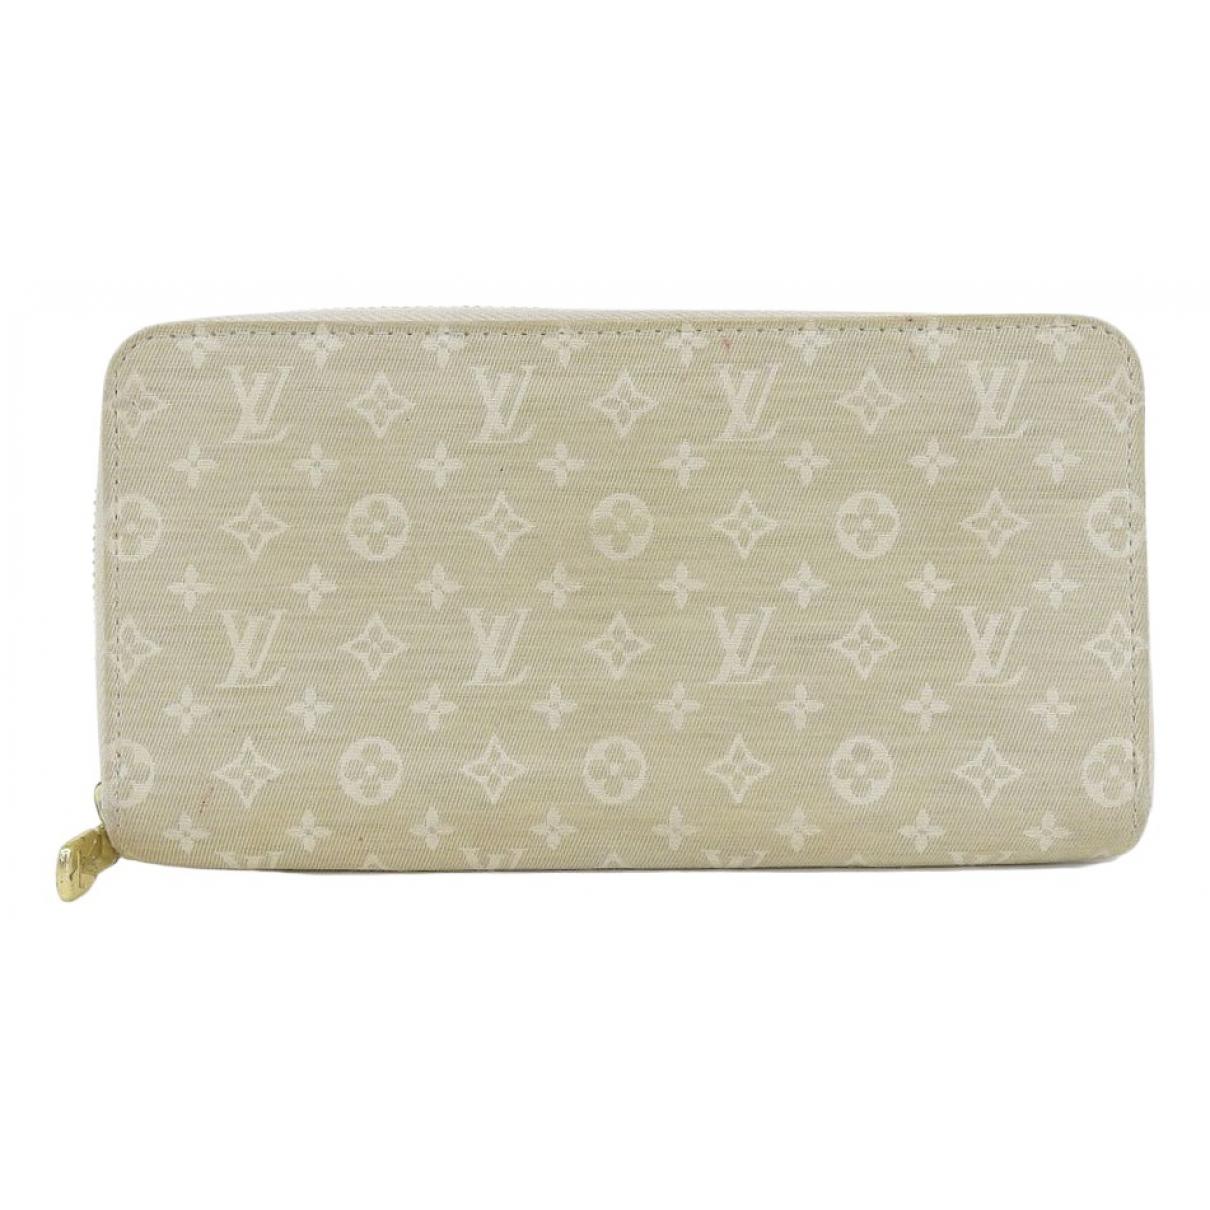 Louis Vuitton Zippy Portemonnaie in  Beige Leinen